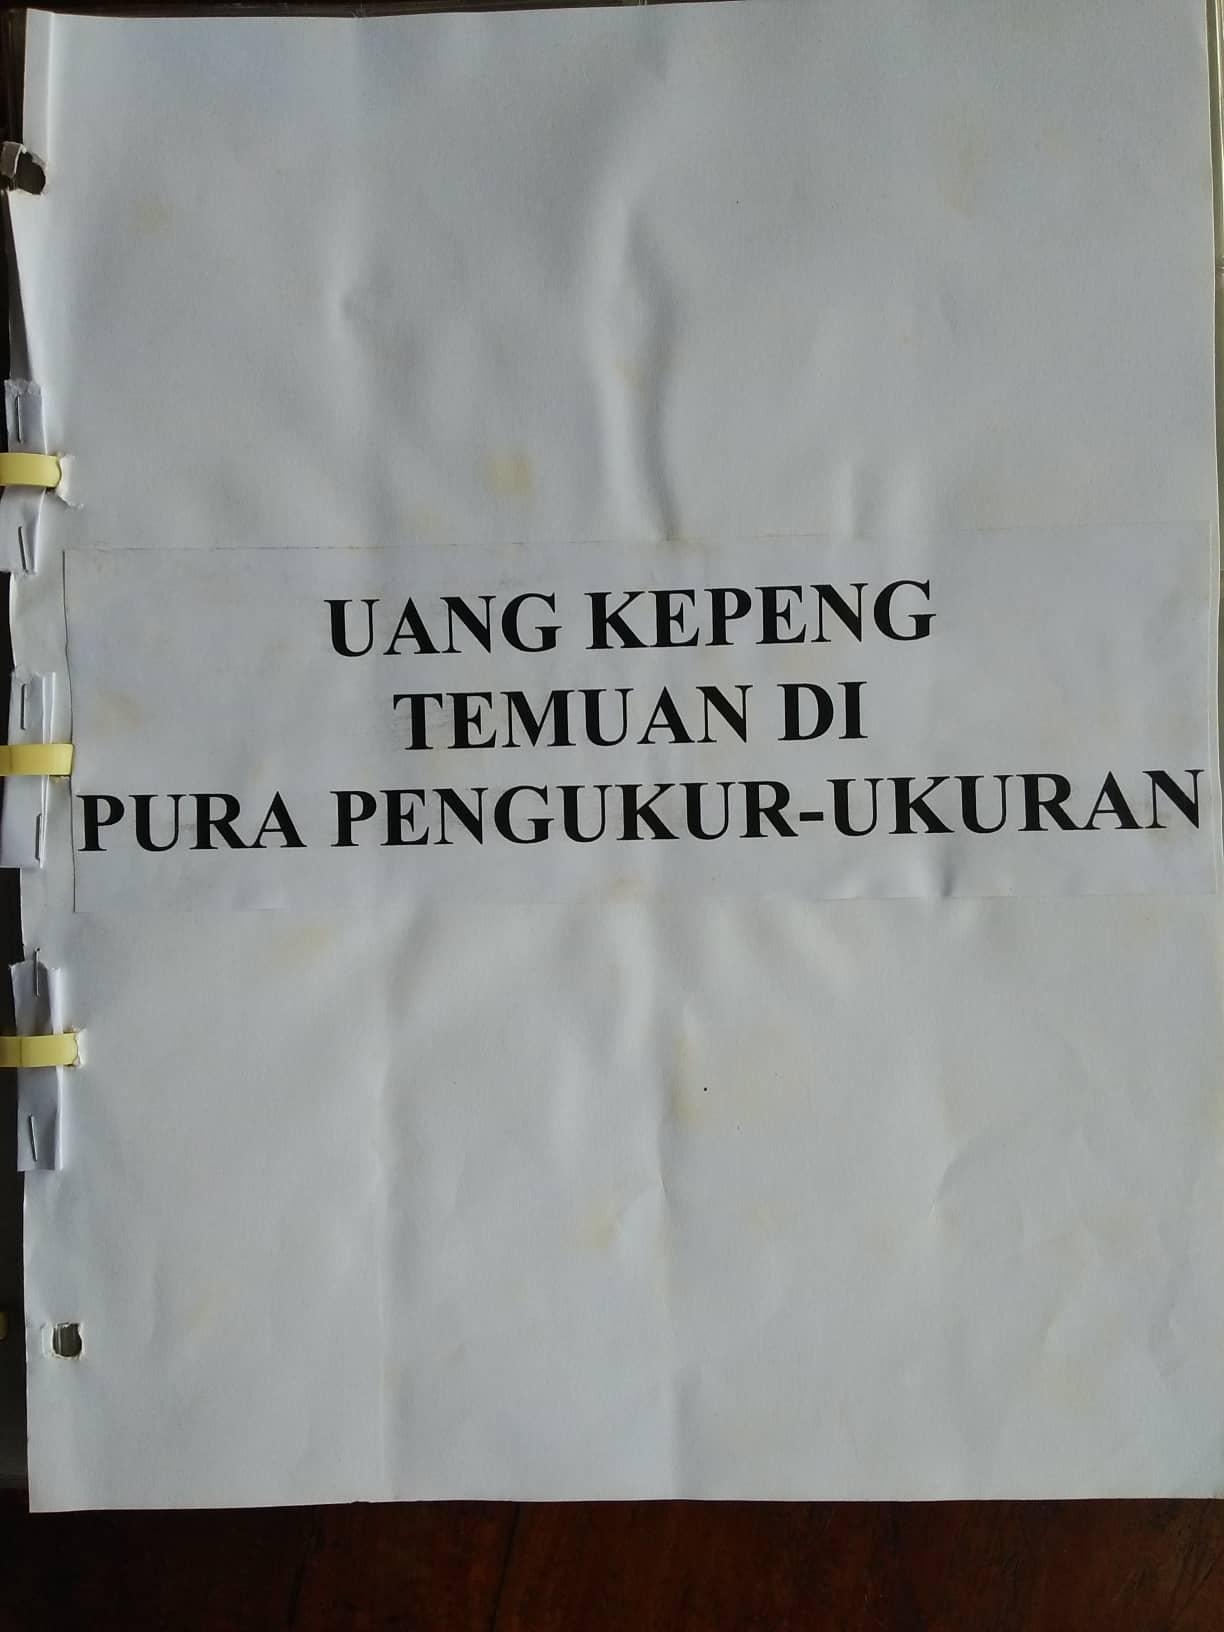 Read more about the article Temuan Uang Kepeng di Pura Pengukur-ukuran